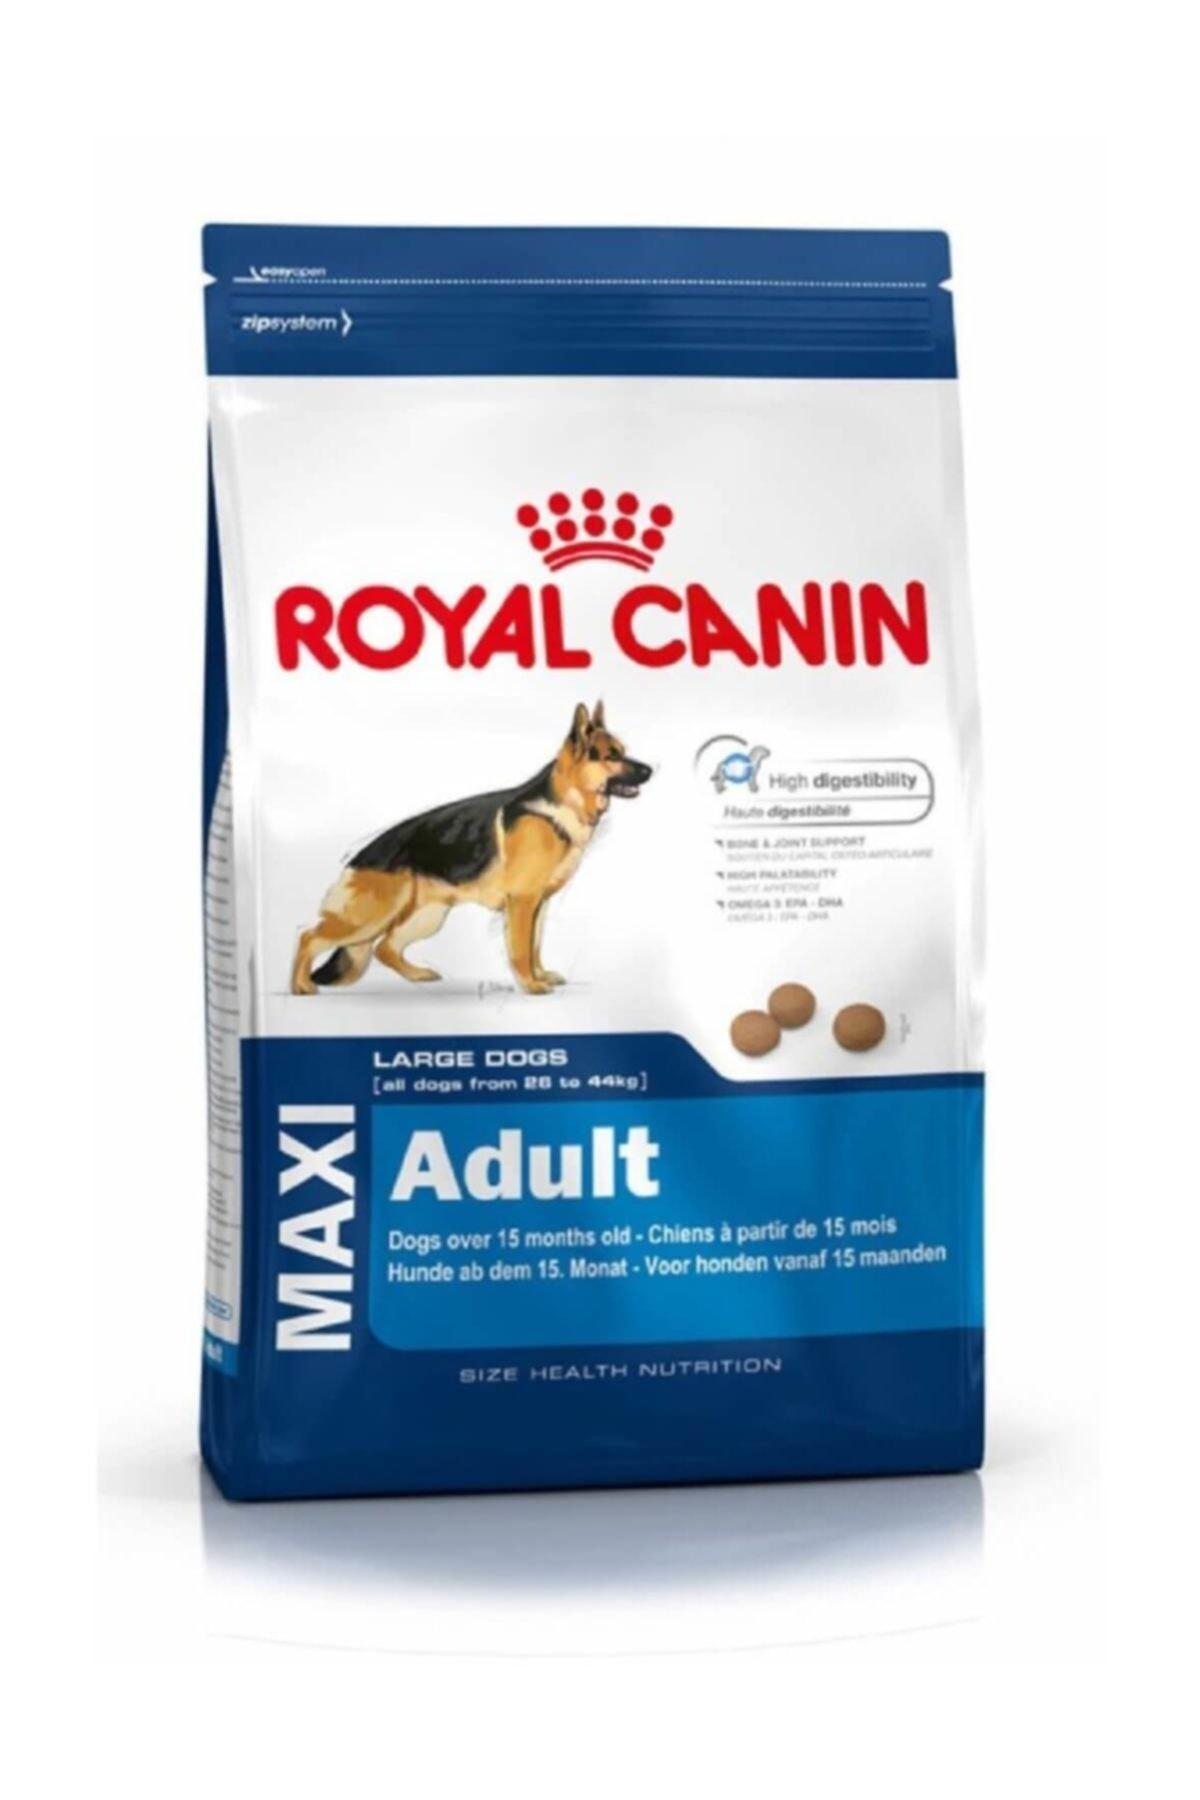 Royal Canin Maxi Adult Büyük Köpek Maması - 15 kg 1